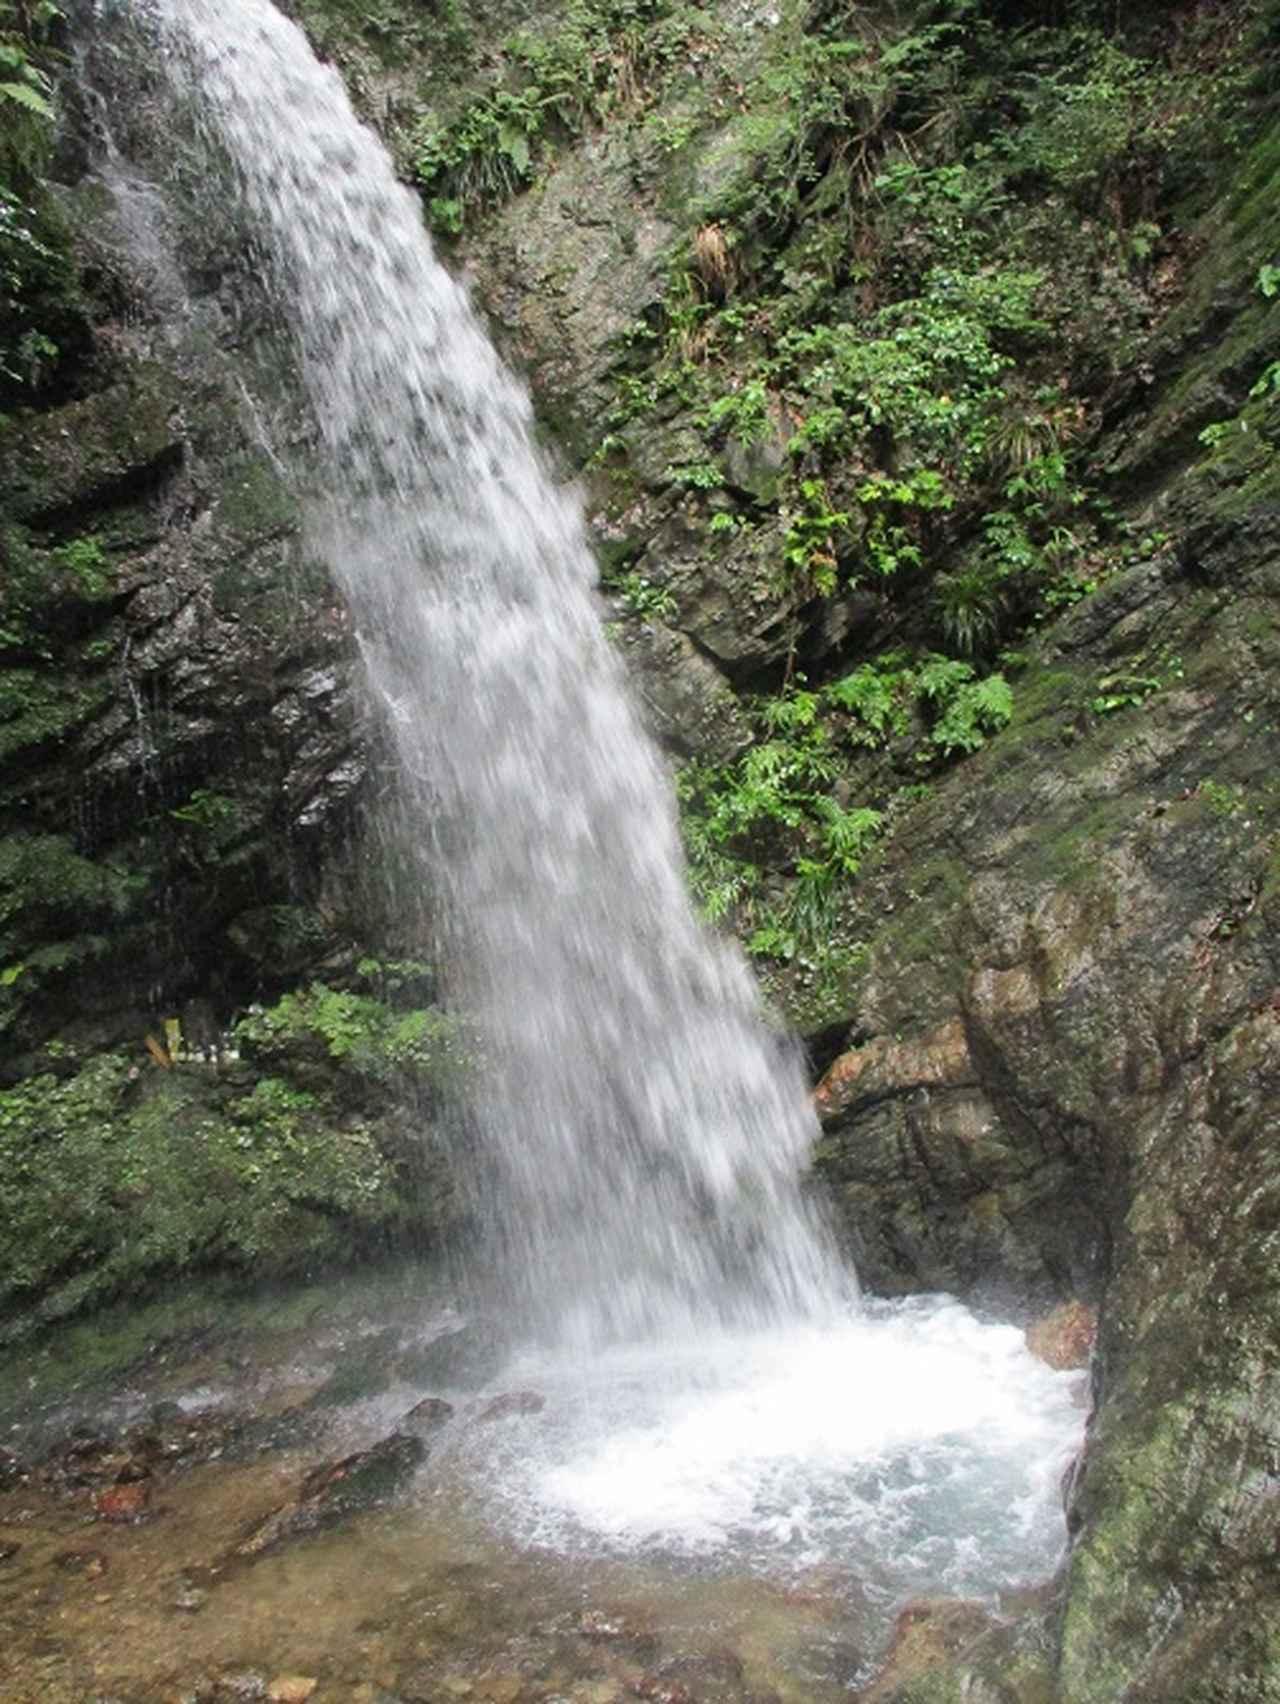 画像8: 7月6日に山旅会現地集合 「関八州見晴台から黒山三滝」 ツアーにいってきました!